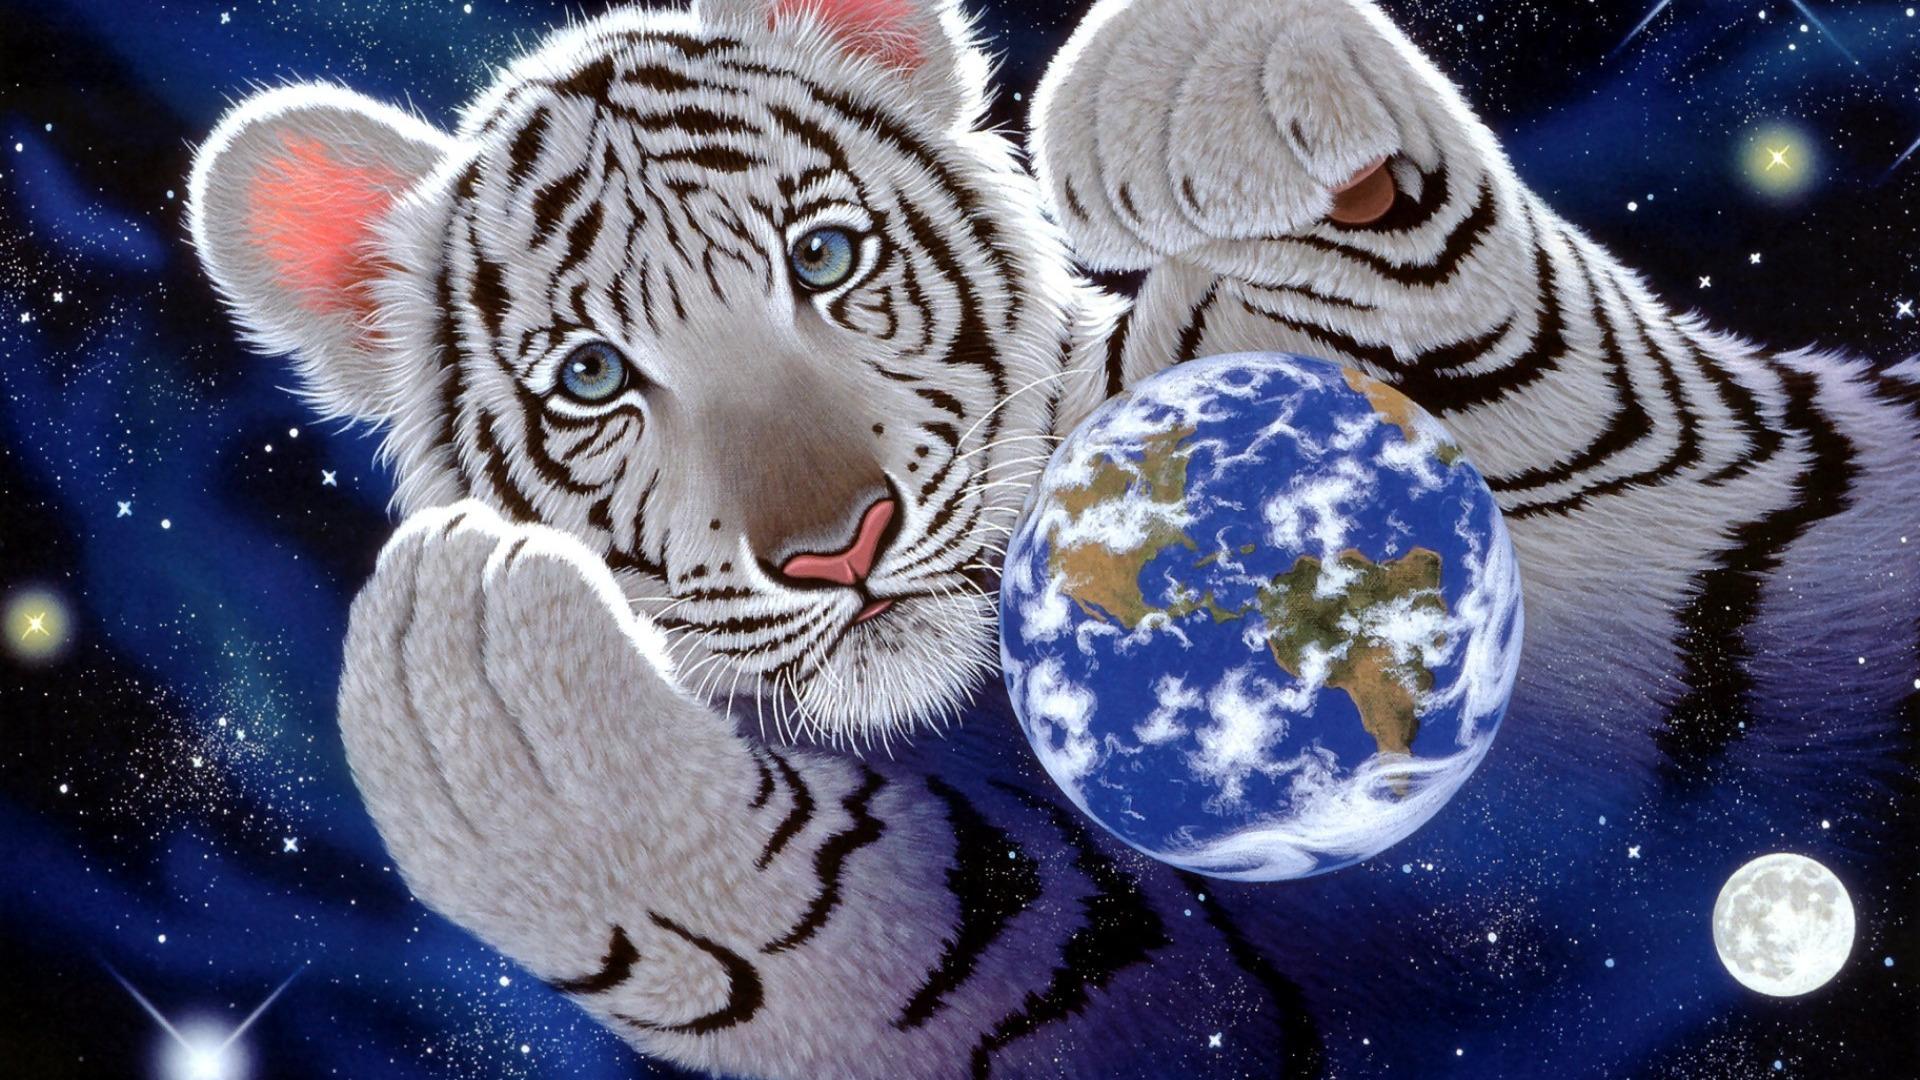 Обои с Тигром на Новый год 2022